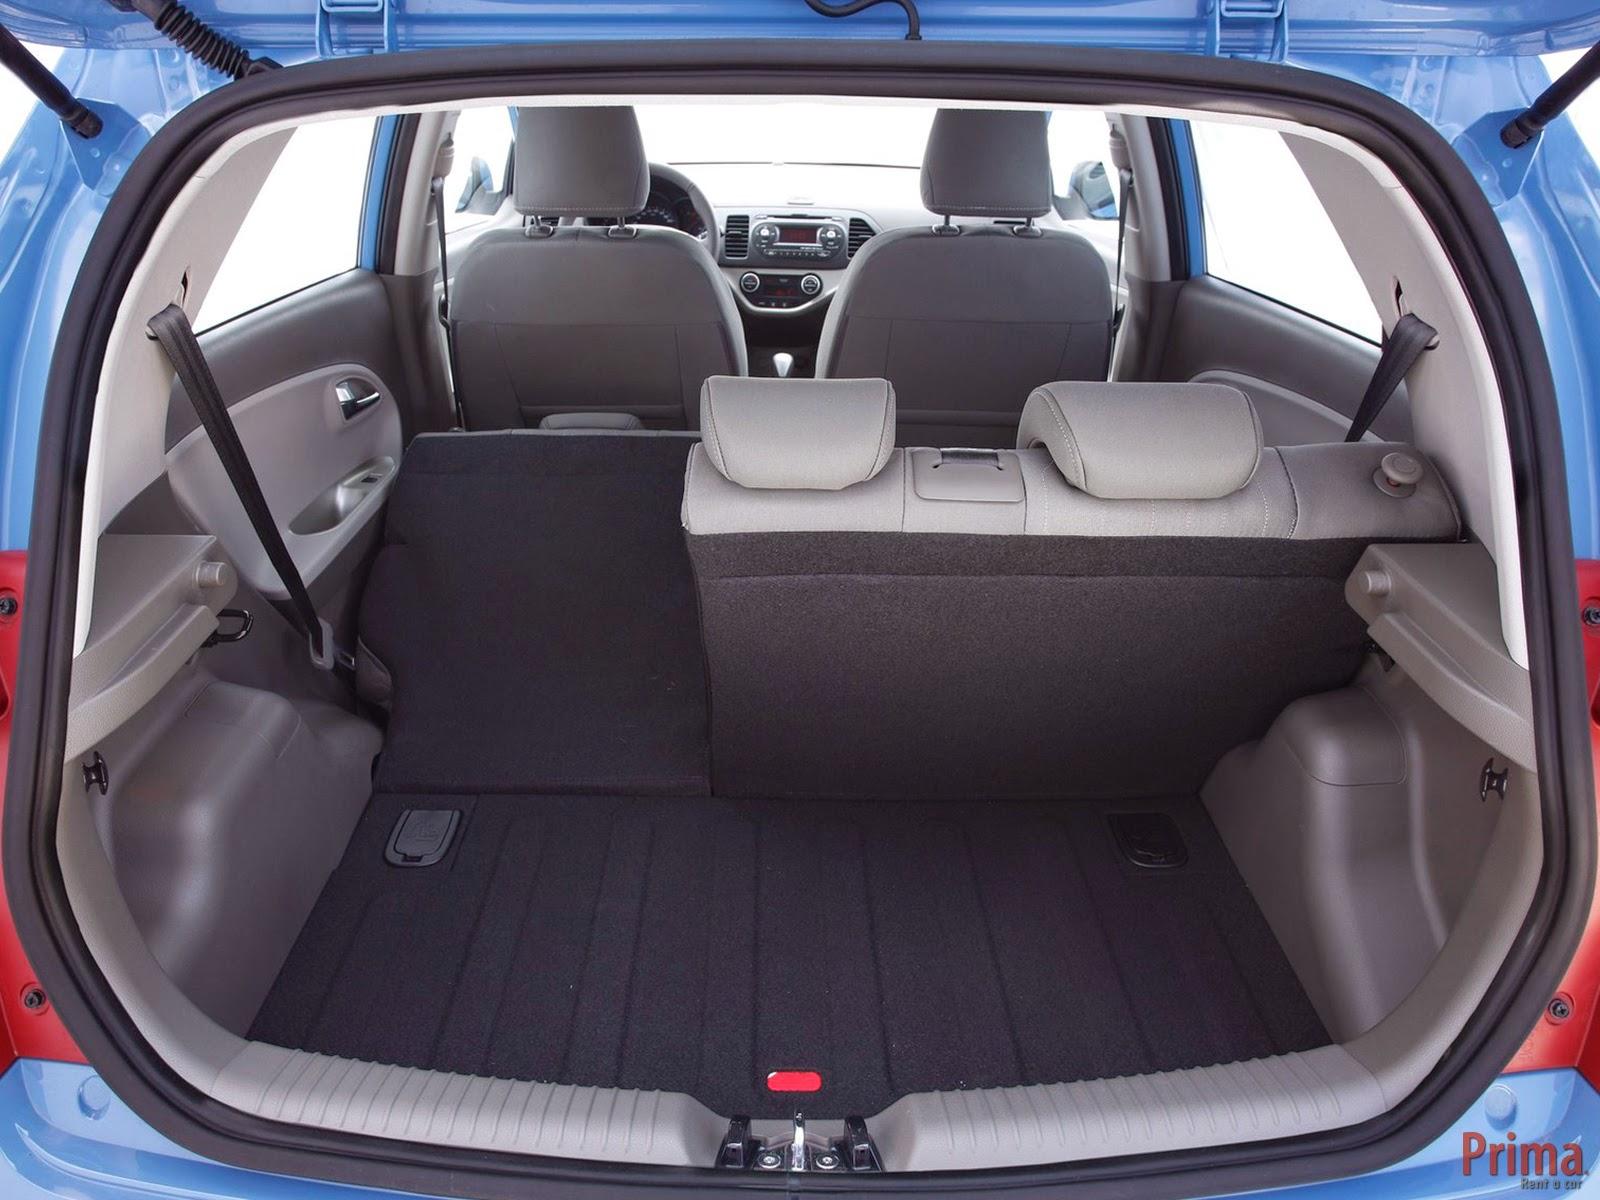 kia picanto boite vitesse automatique prima rent a car tunisie. Black Bedroom Furniture Sets. Home Design Ideas